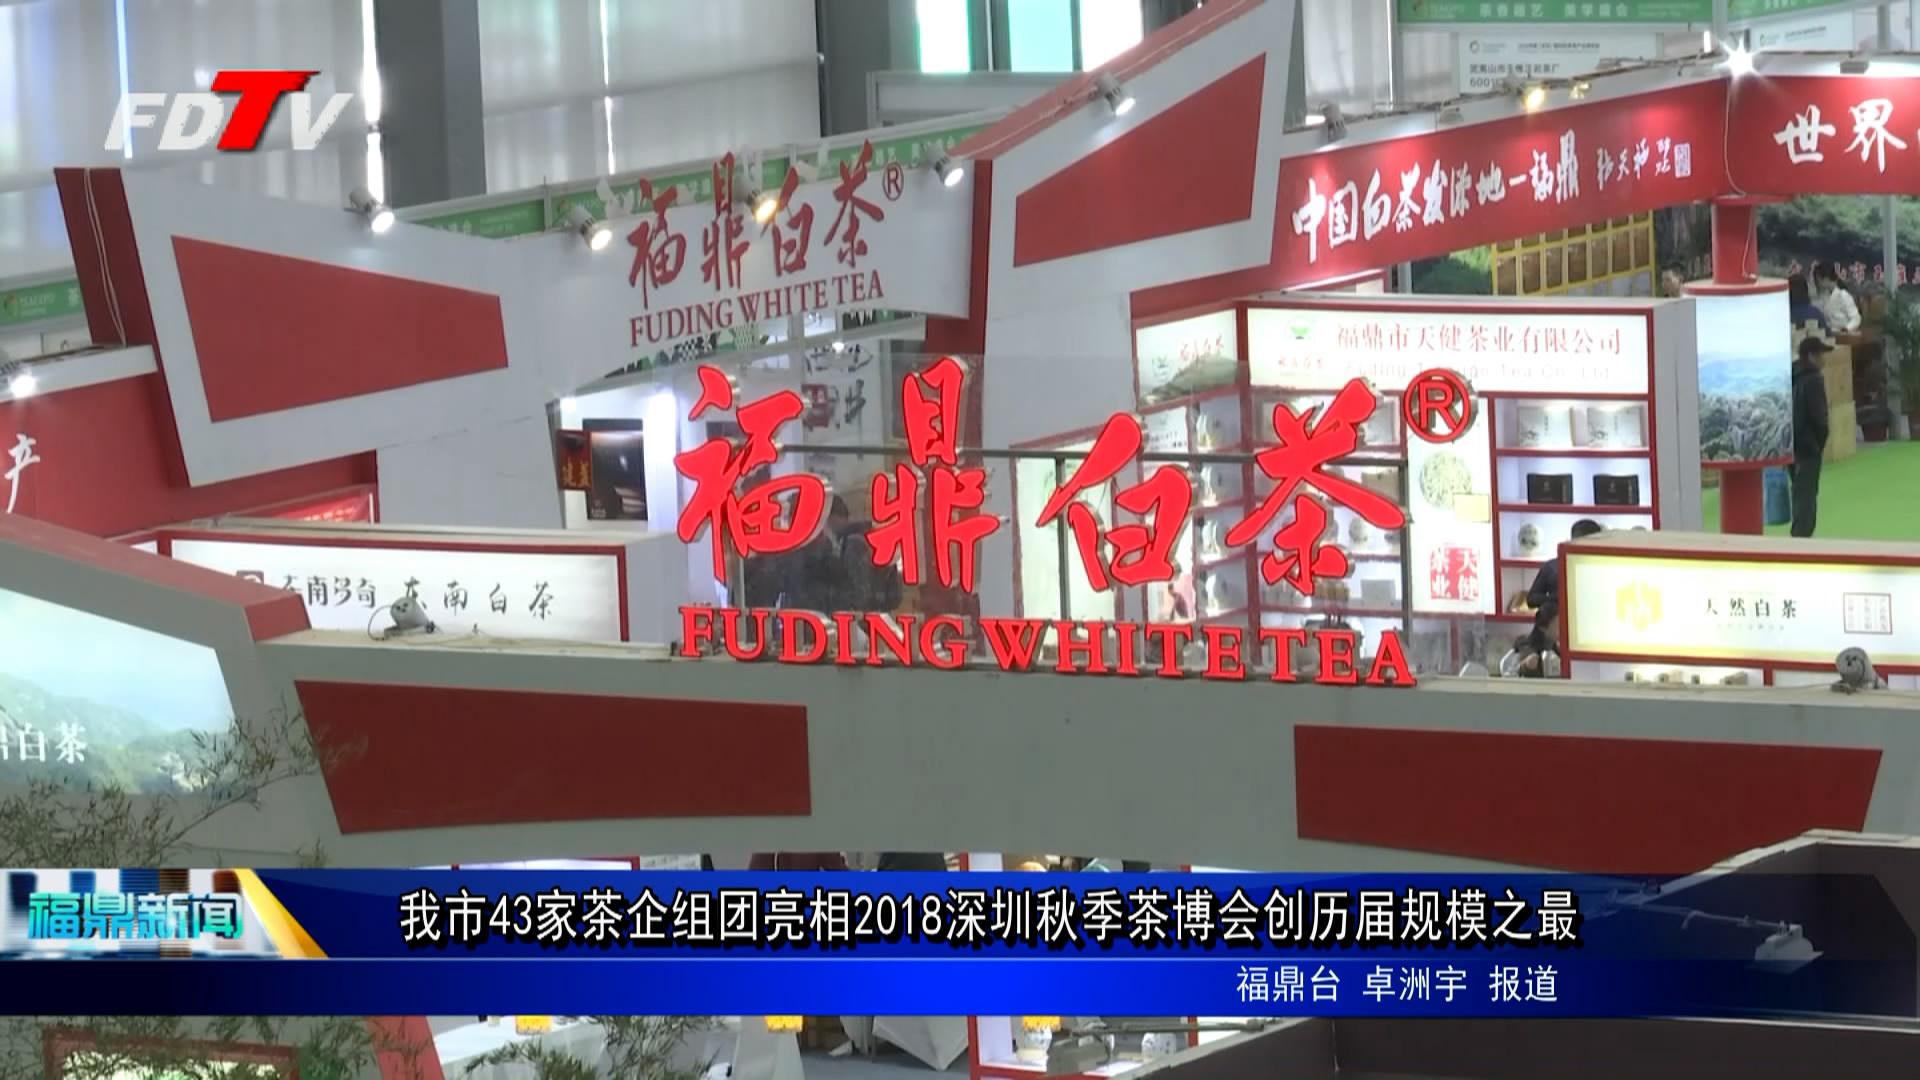 我市43家茶企组团亮相2018深圳秋季茶博会 创历届规模之最